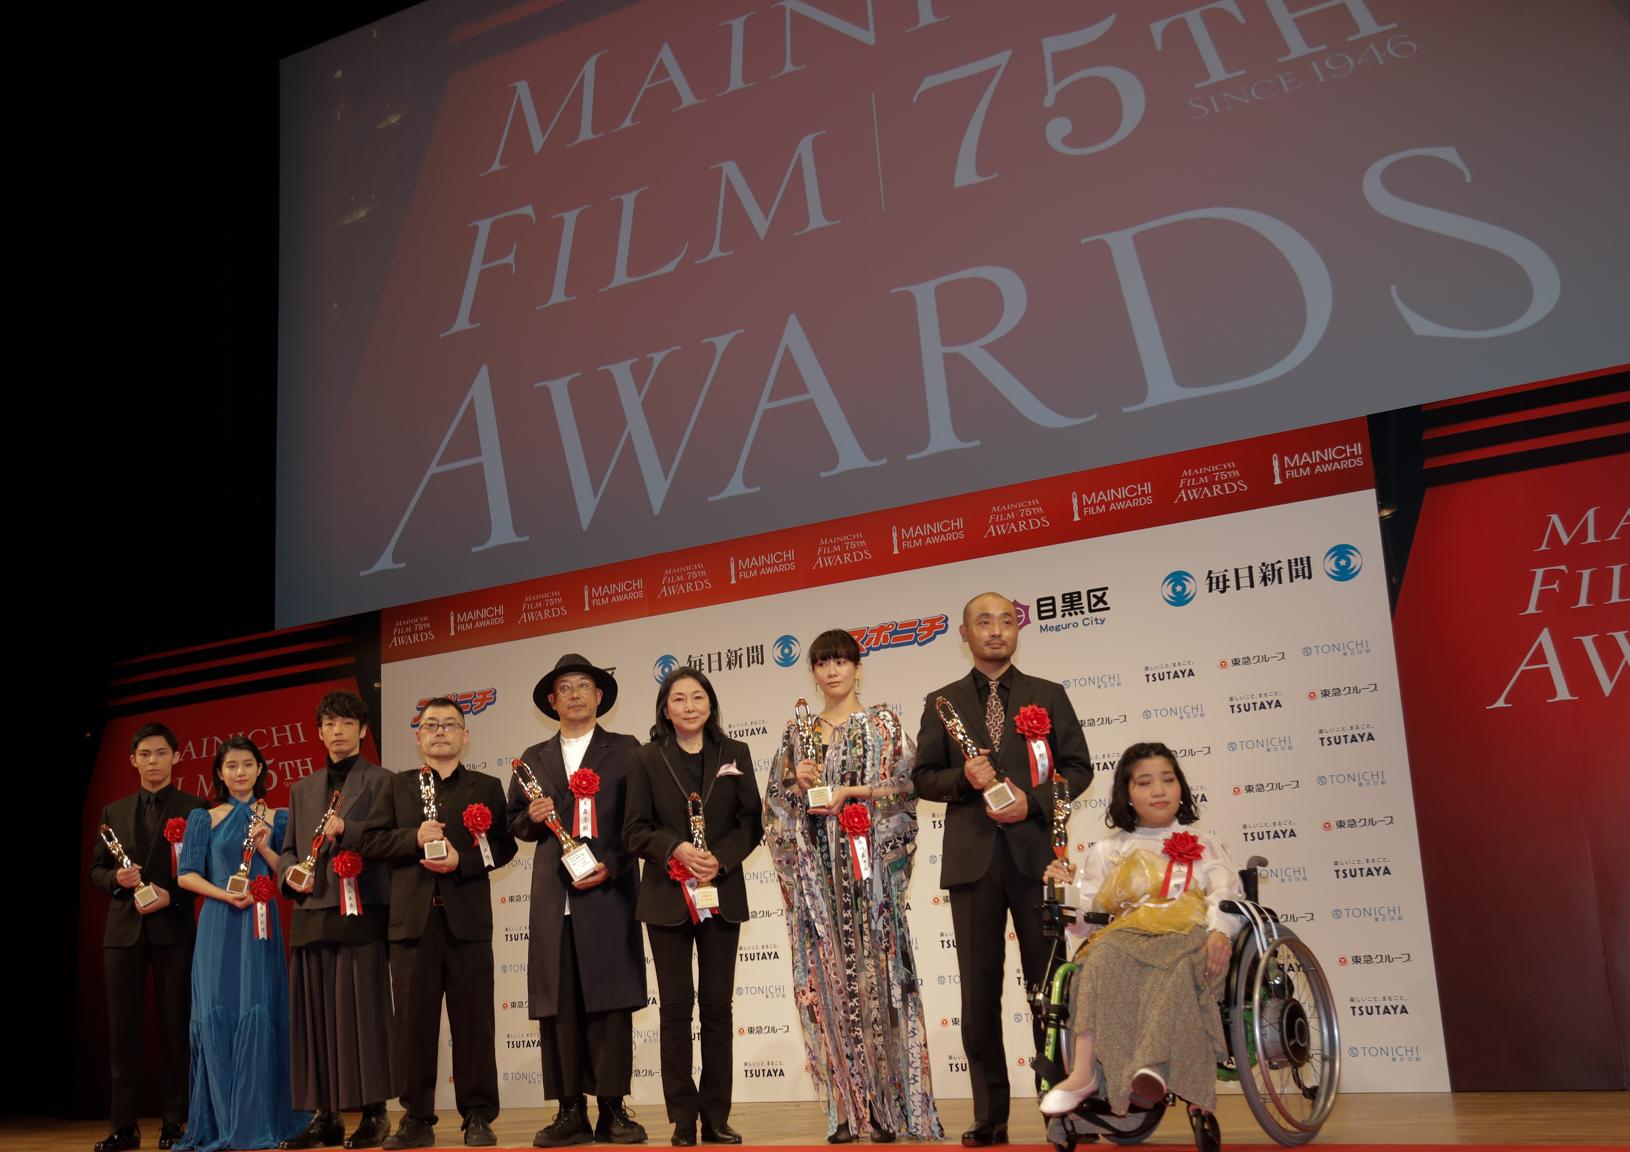 第75回毎日映画コンクール受賞者